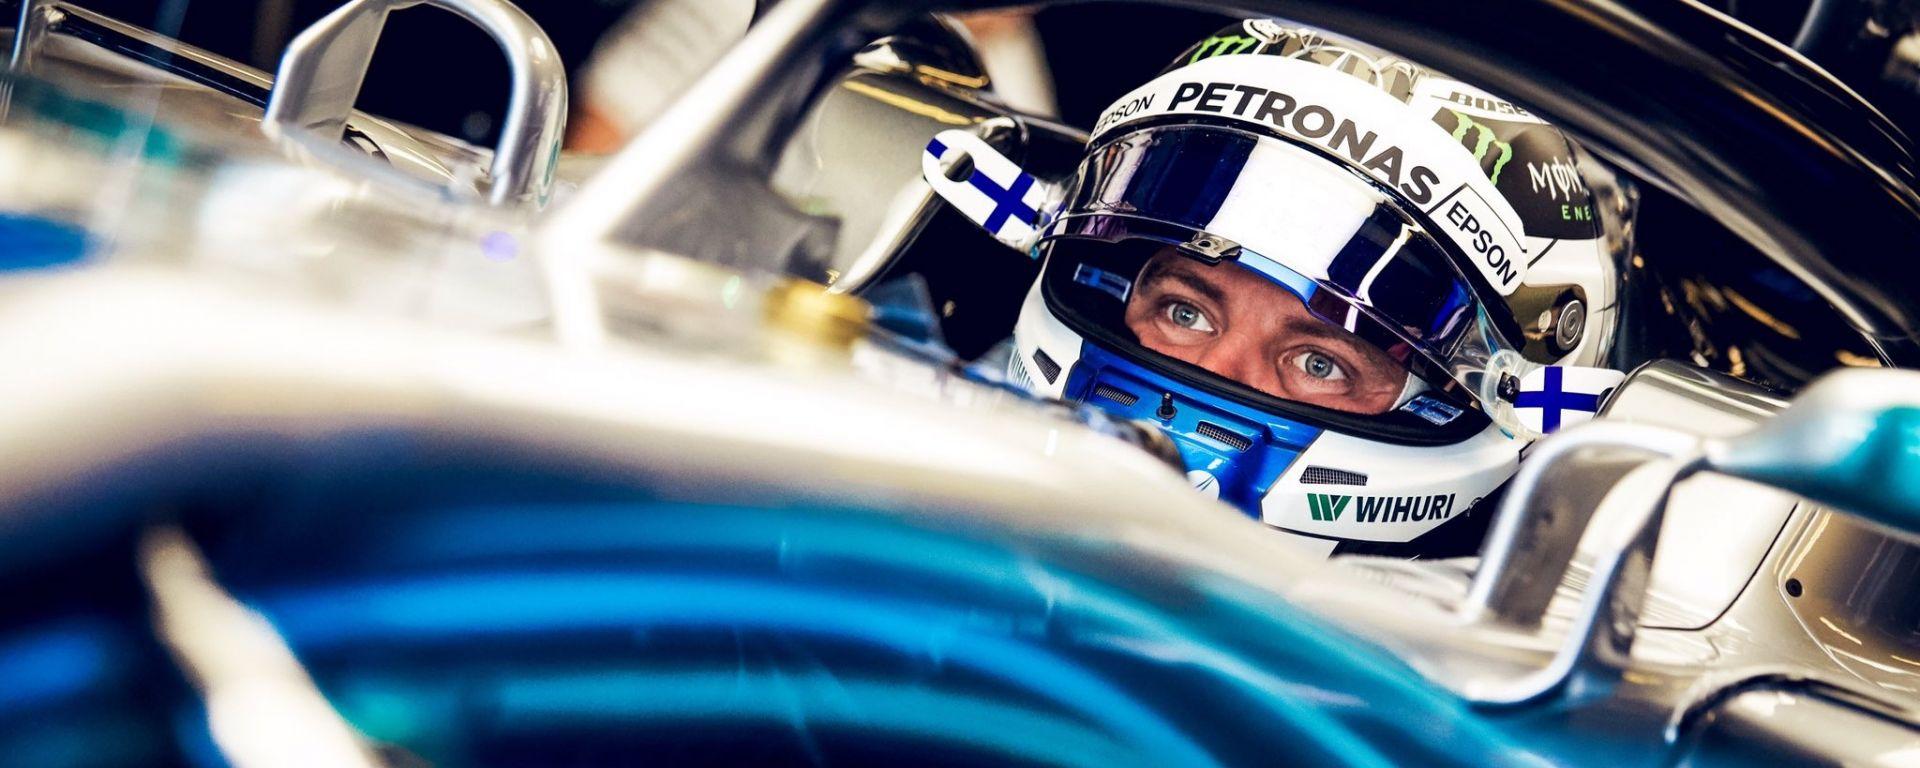 GP Abu Dhabi, FP2, Valtteri Bottaas nei box con la sua Mercedes